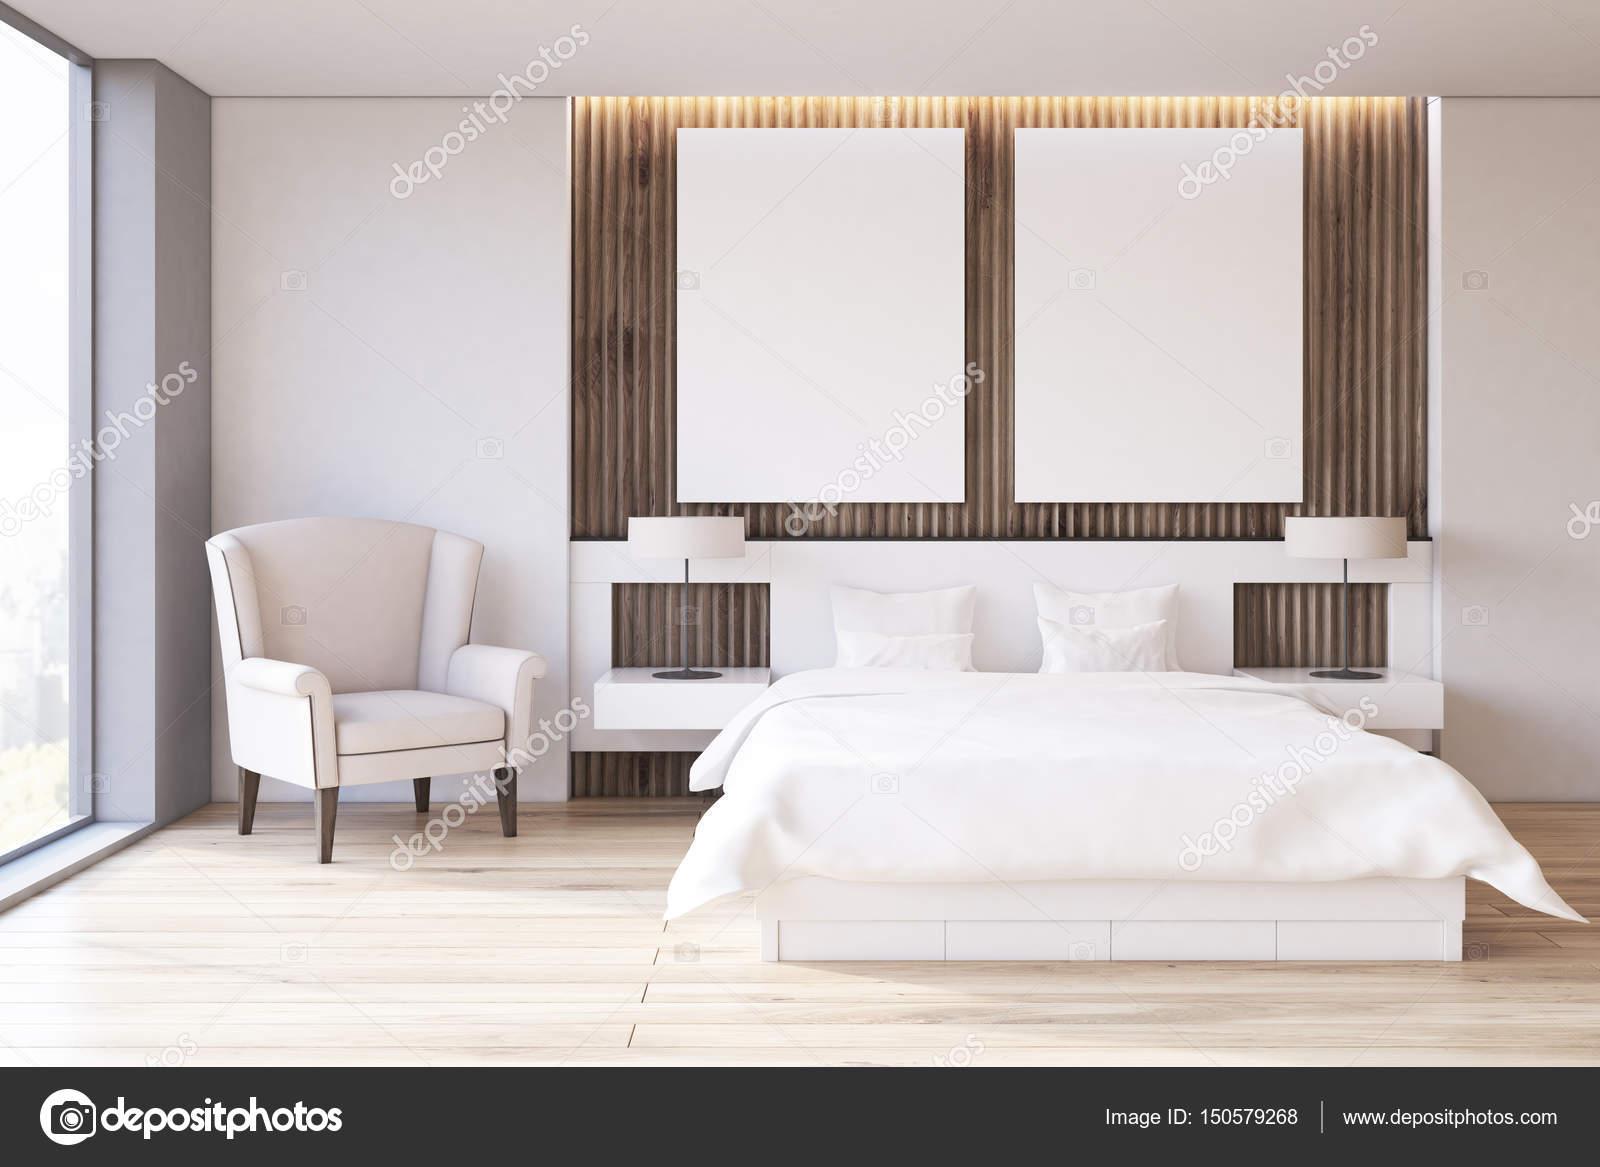 Fauteuil, Avant De Poster Deux Chambre à Coucher,u2013 Images De Stock Libres  De Droits